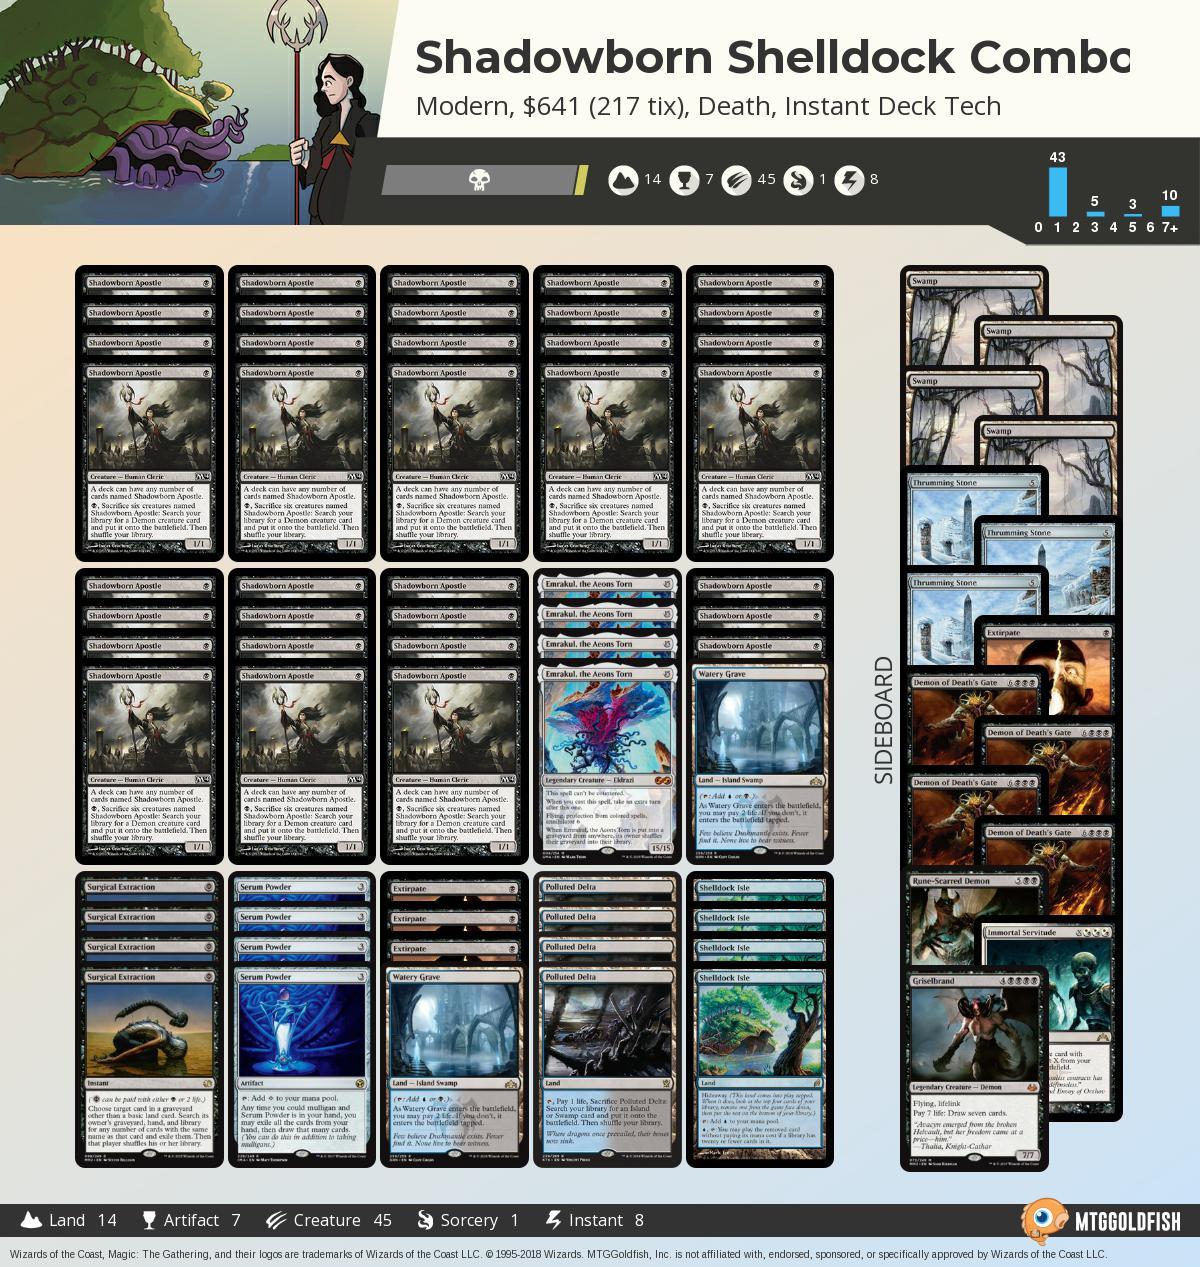 Shadowborn%2bshelldock%2bcombo 15d61029 273d 4127 a10b 7abd08caaa45%2ejpg